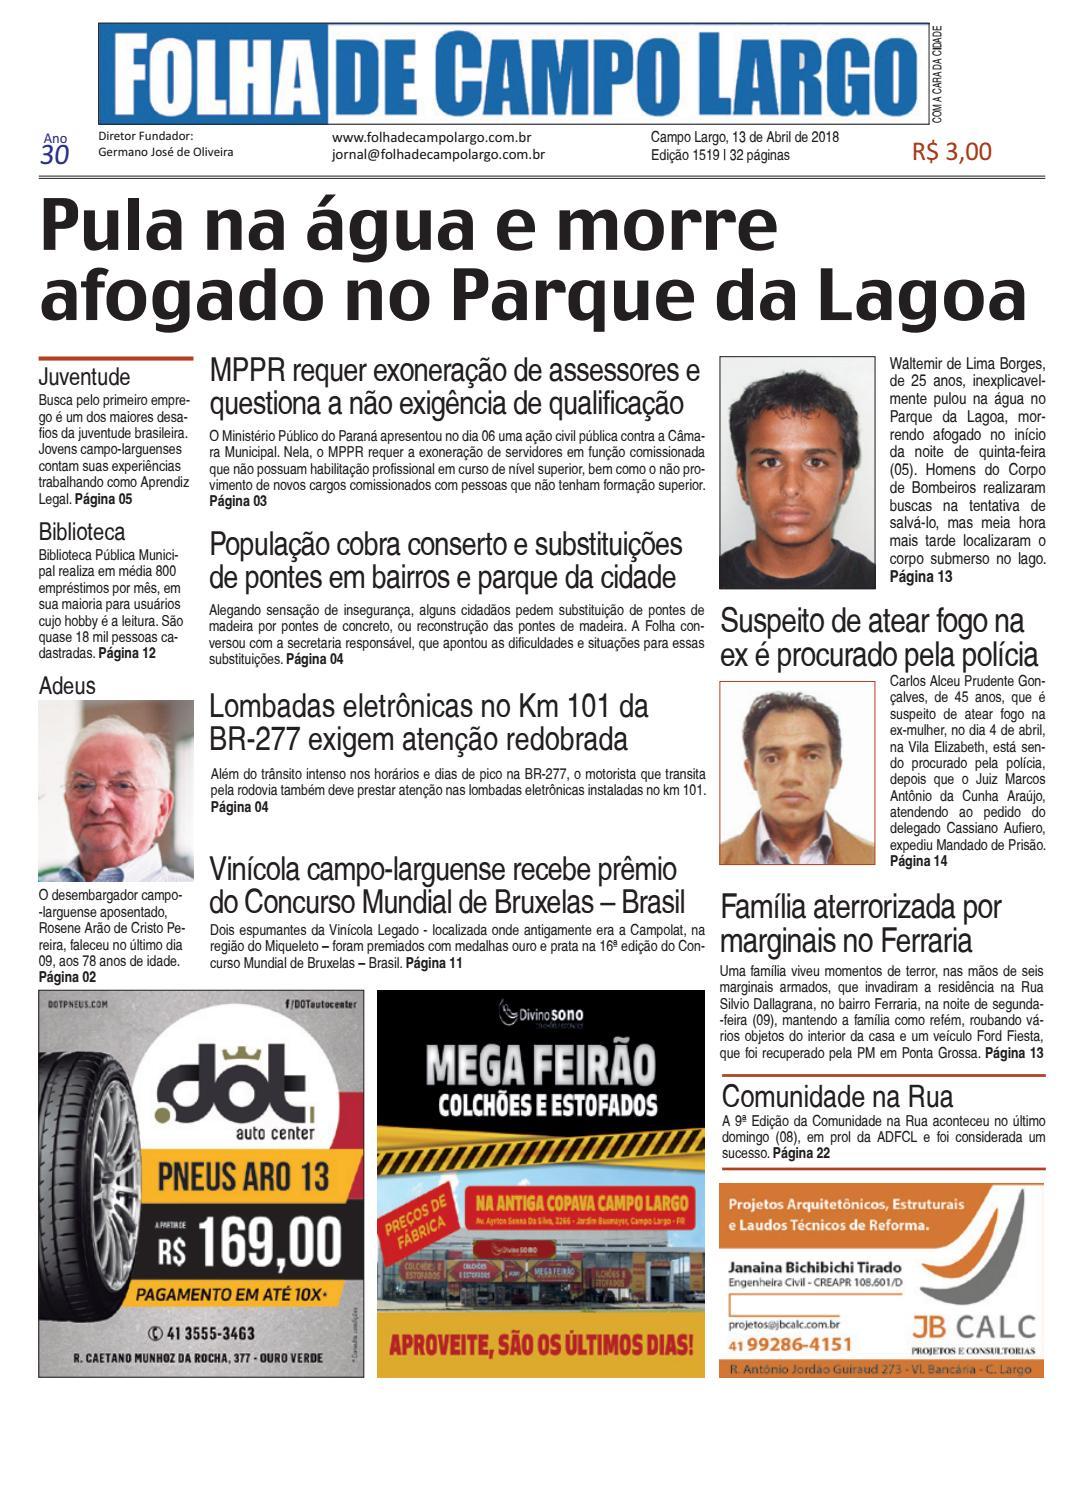 2bbcbdc45 Folha de Campo Largo by Folha de Campo Largo - issuu